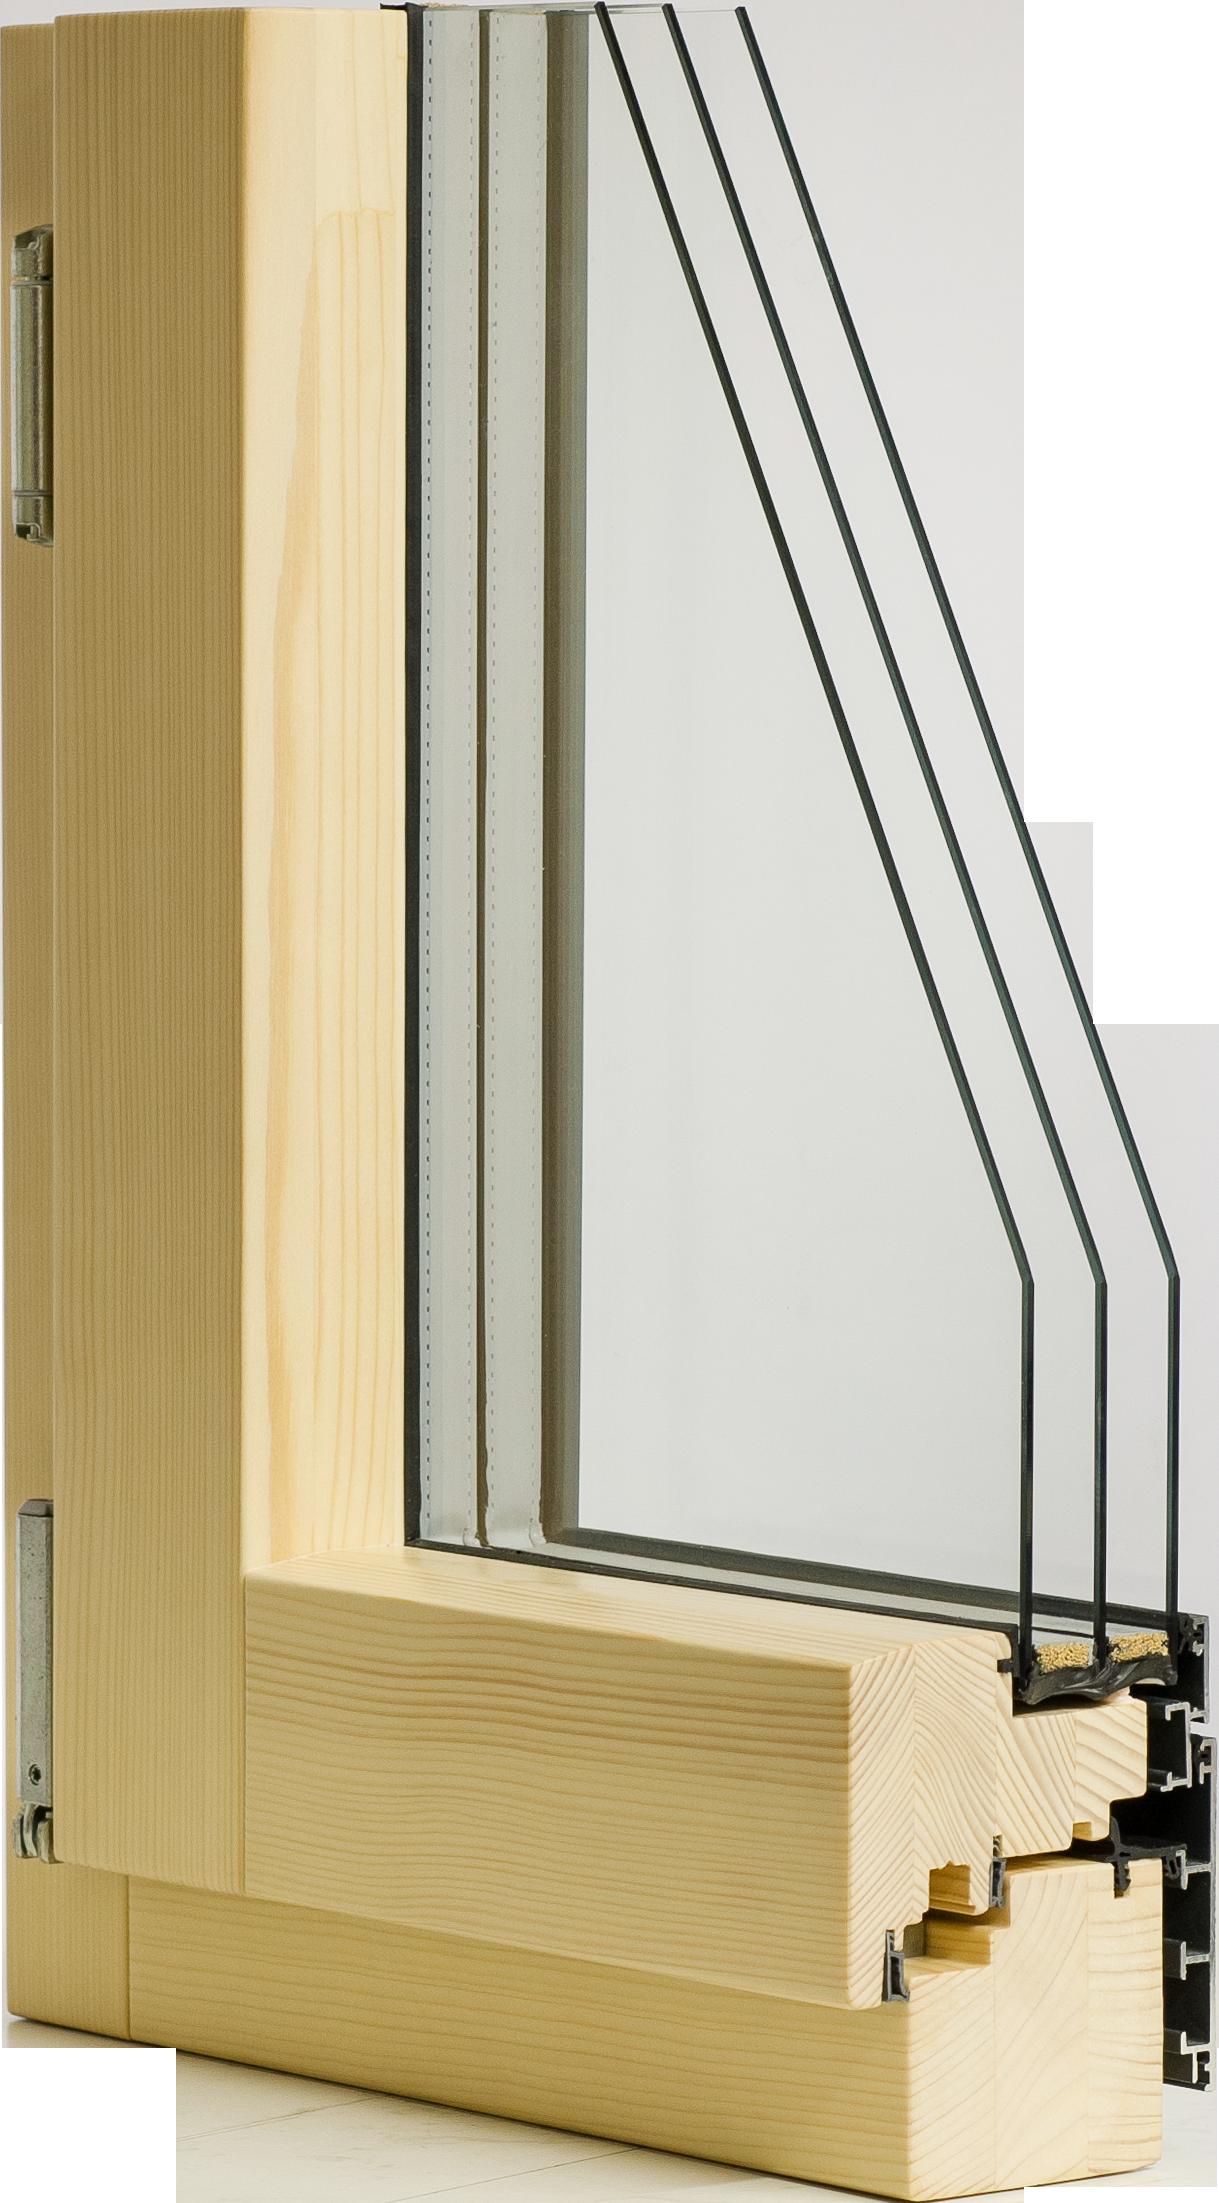 Holz Alu Fenster Mit 3 Fach Verglasung Außen Flächenbündig